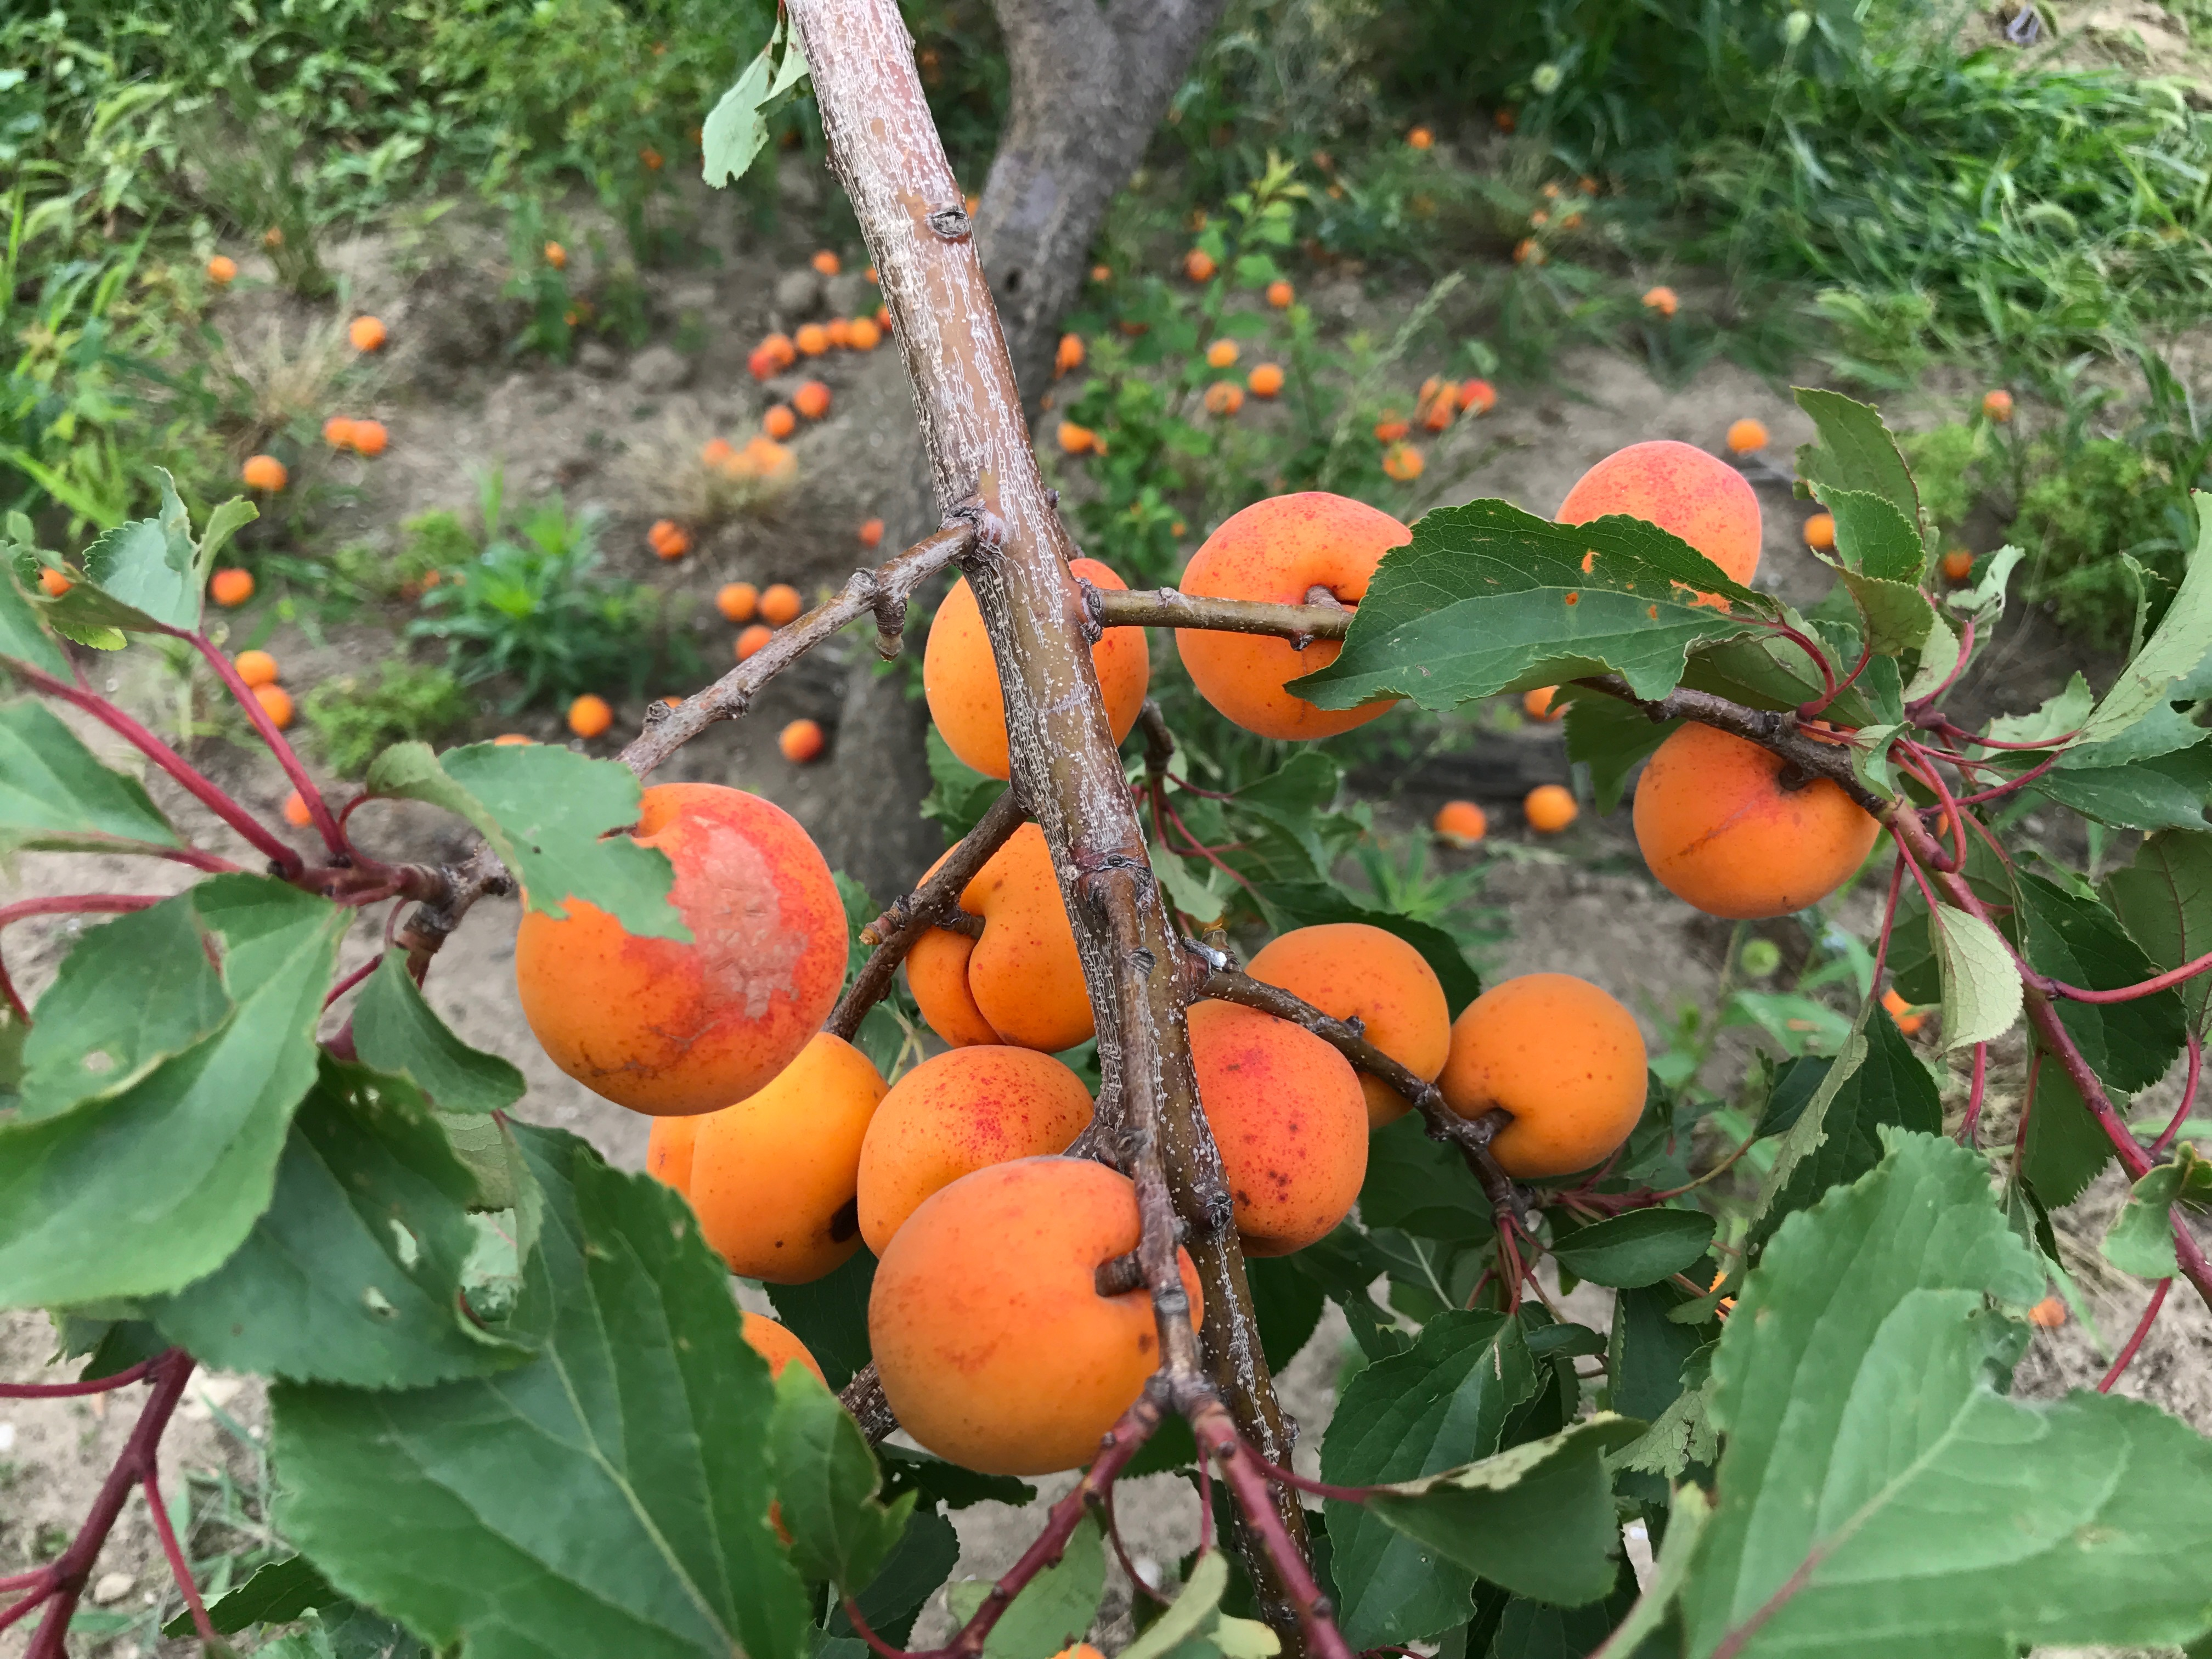 杏(あんず)の実が収穫の瞬間を迎えています。